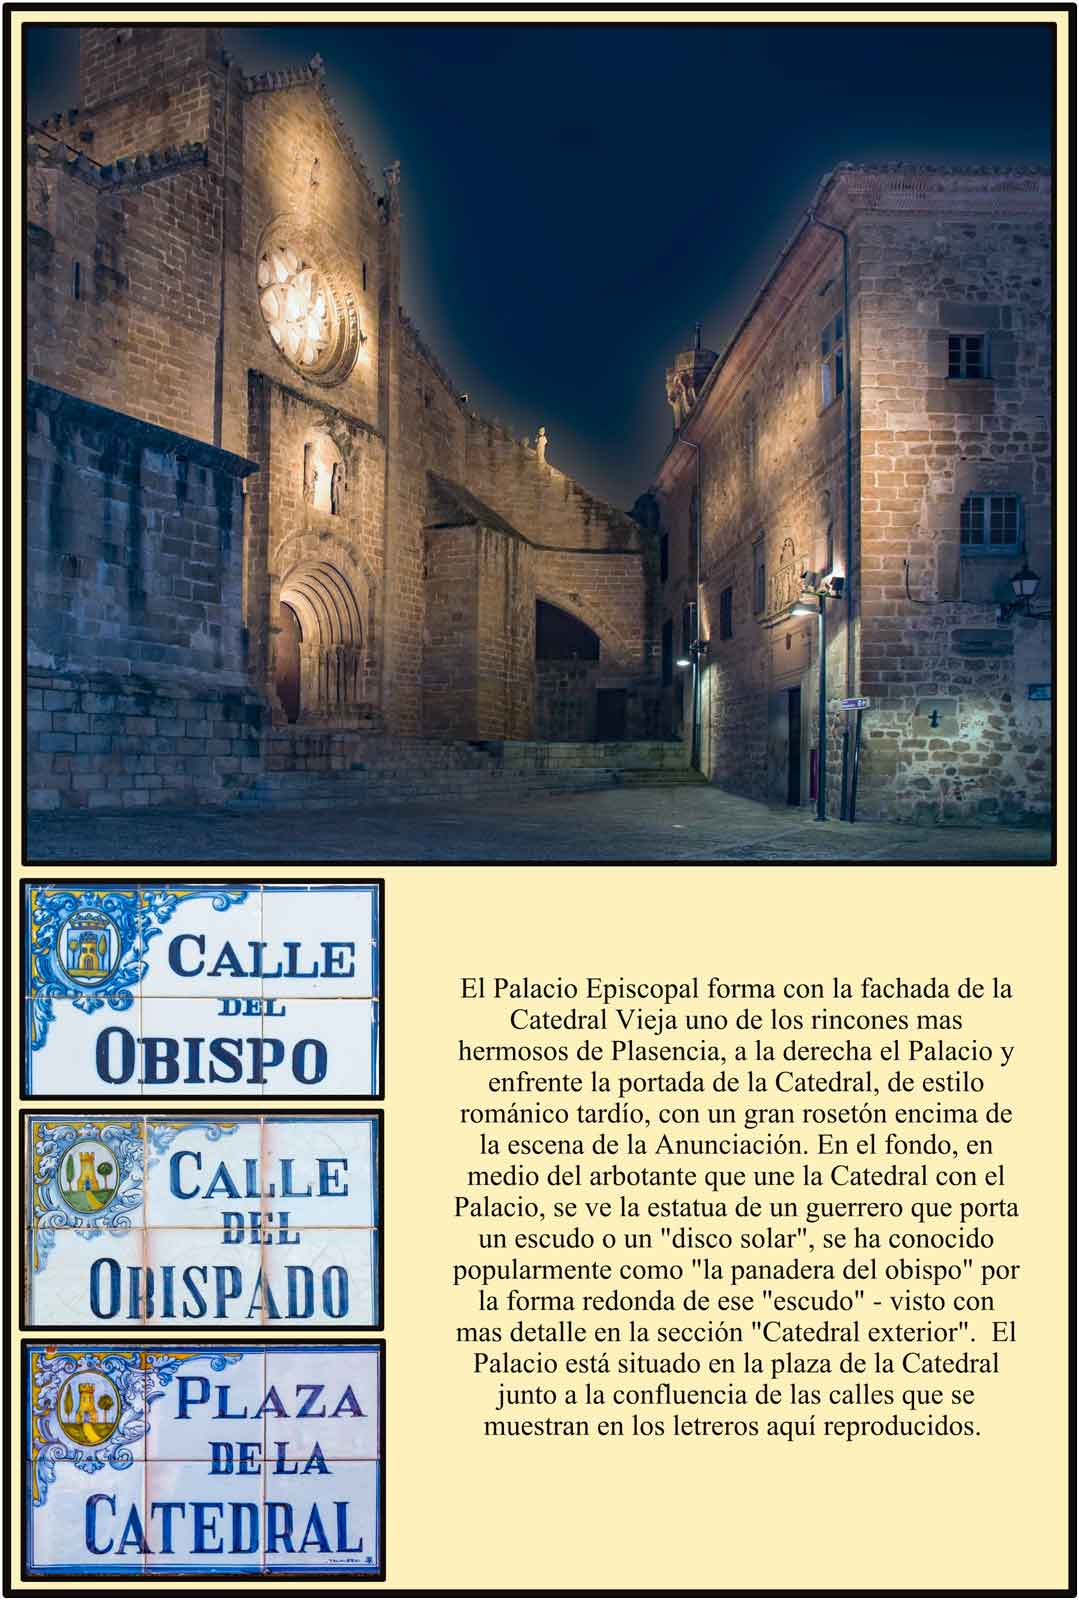 Plasencia Fachada palacio episcopal Iluminacion